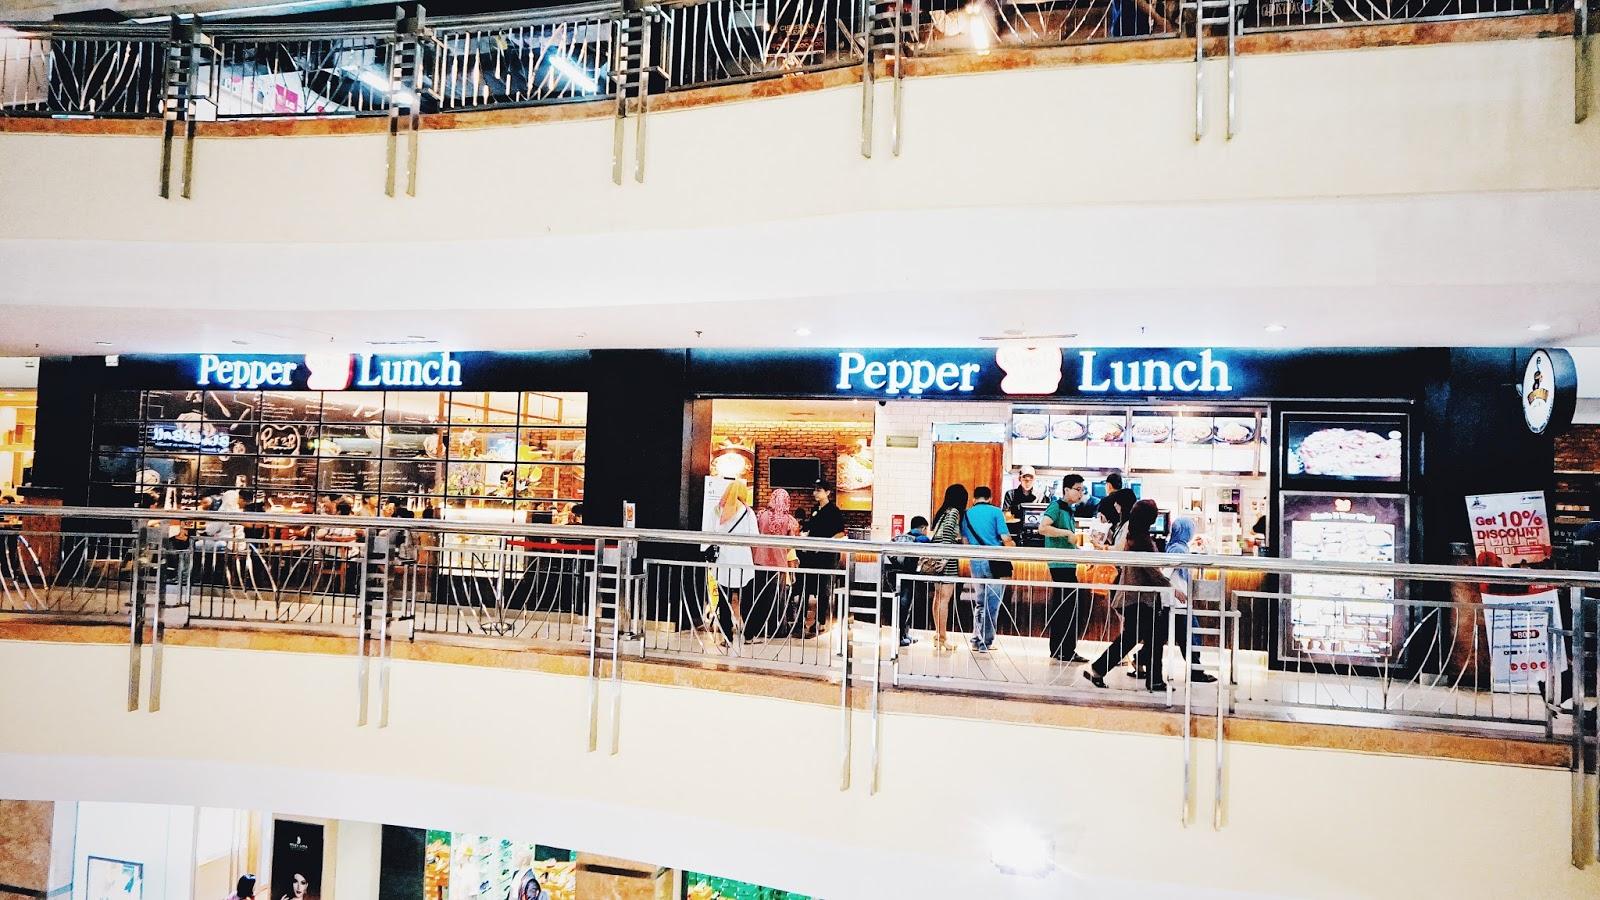 Asiknya Berbagi Pku Tempatmakanpekanbaru Pepper Lunch Mal Ska